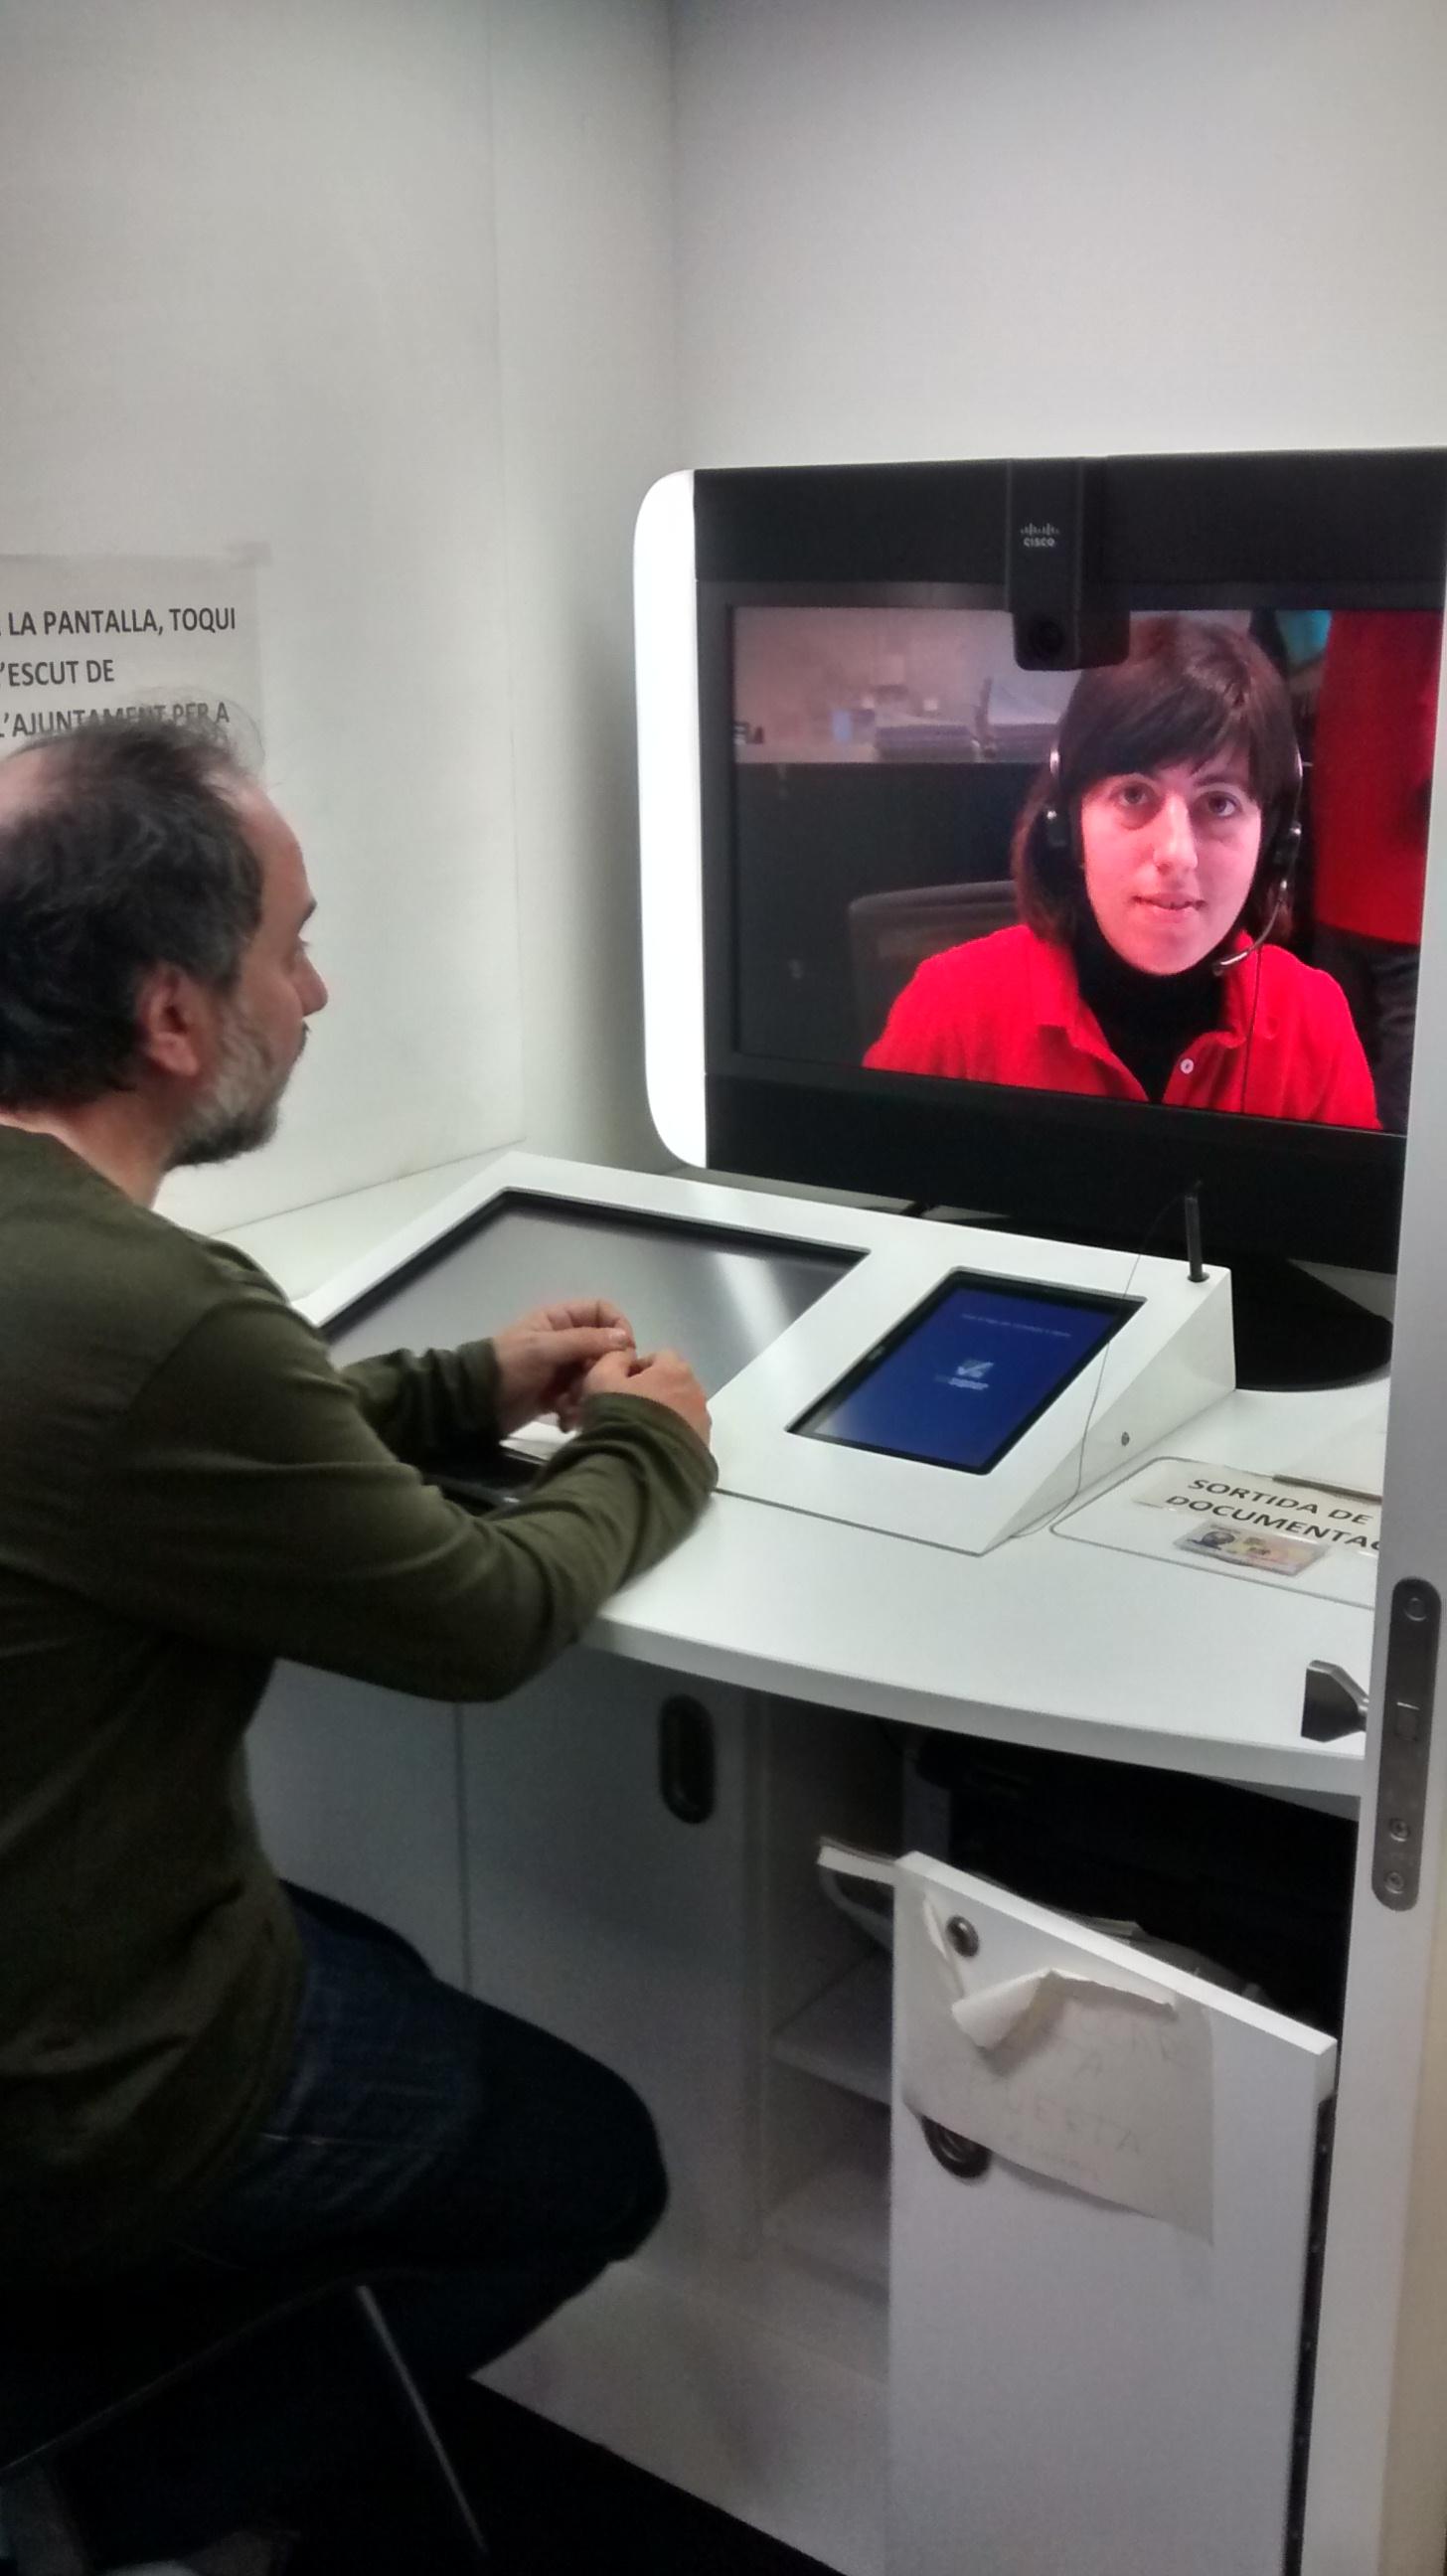 Validated ID presenta en el CNIS 2015 su caso de éxito del servicio de firma manuscrita electrónica en el Ayuntamiento de Barcelona